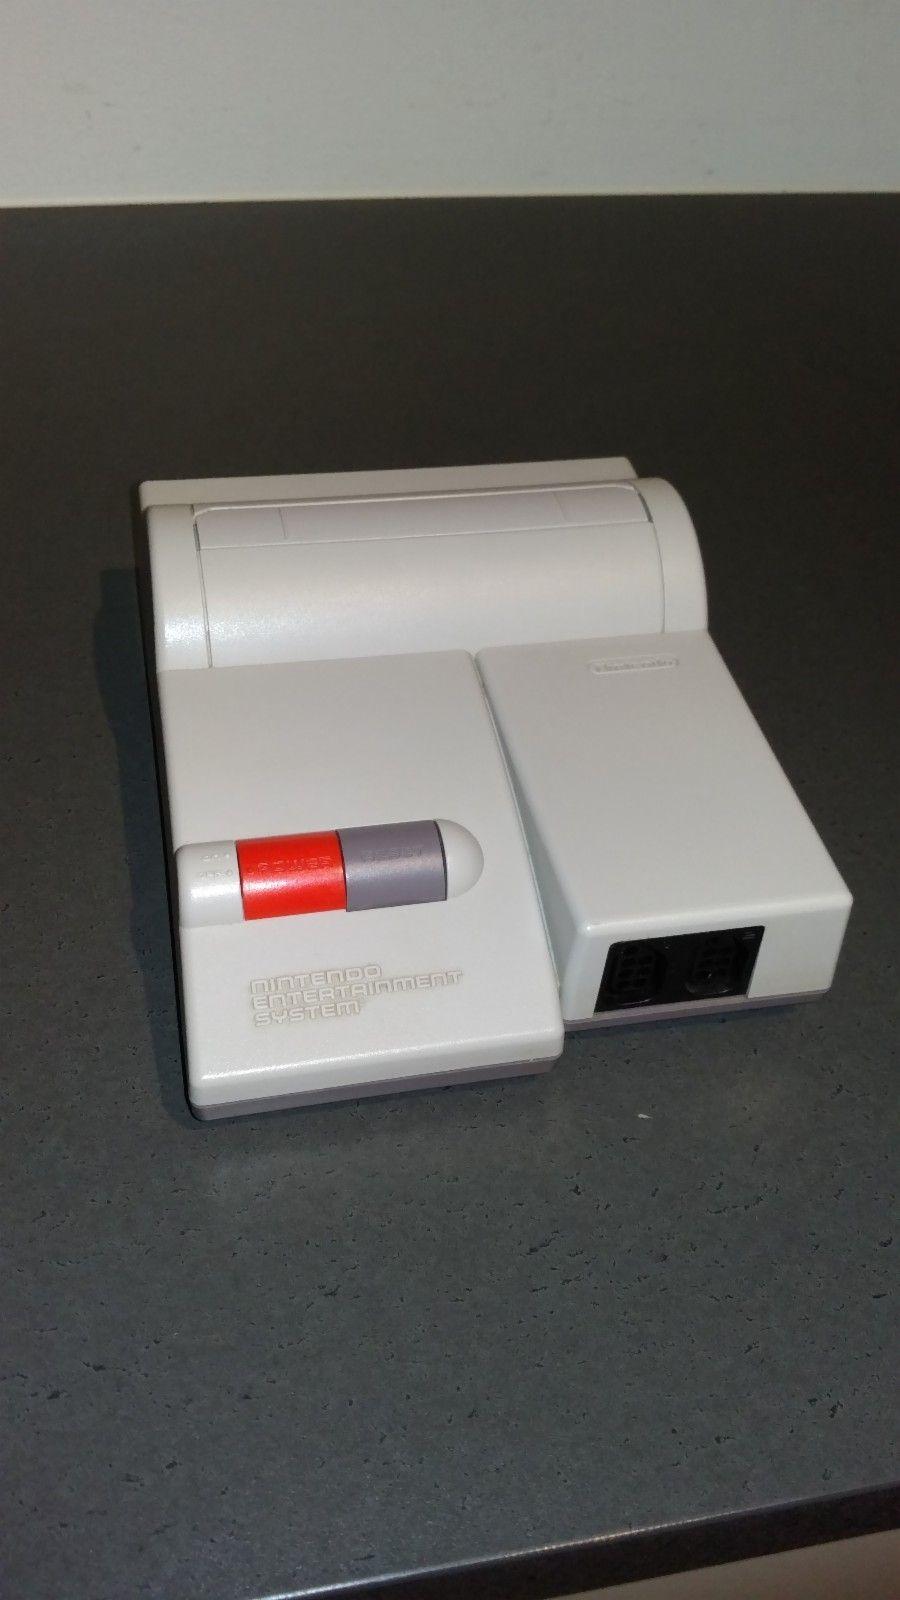 Nintendo Nes Toploader NTSC - Sandnes  - Nintendo Nes Toploader NTSC Har blitt modifiseret med AV koplings mugligheter og true stereo, 2 lyd kanaler.  Ønsker bud - Sandnes